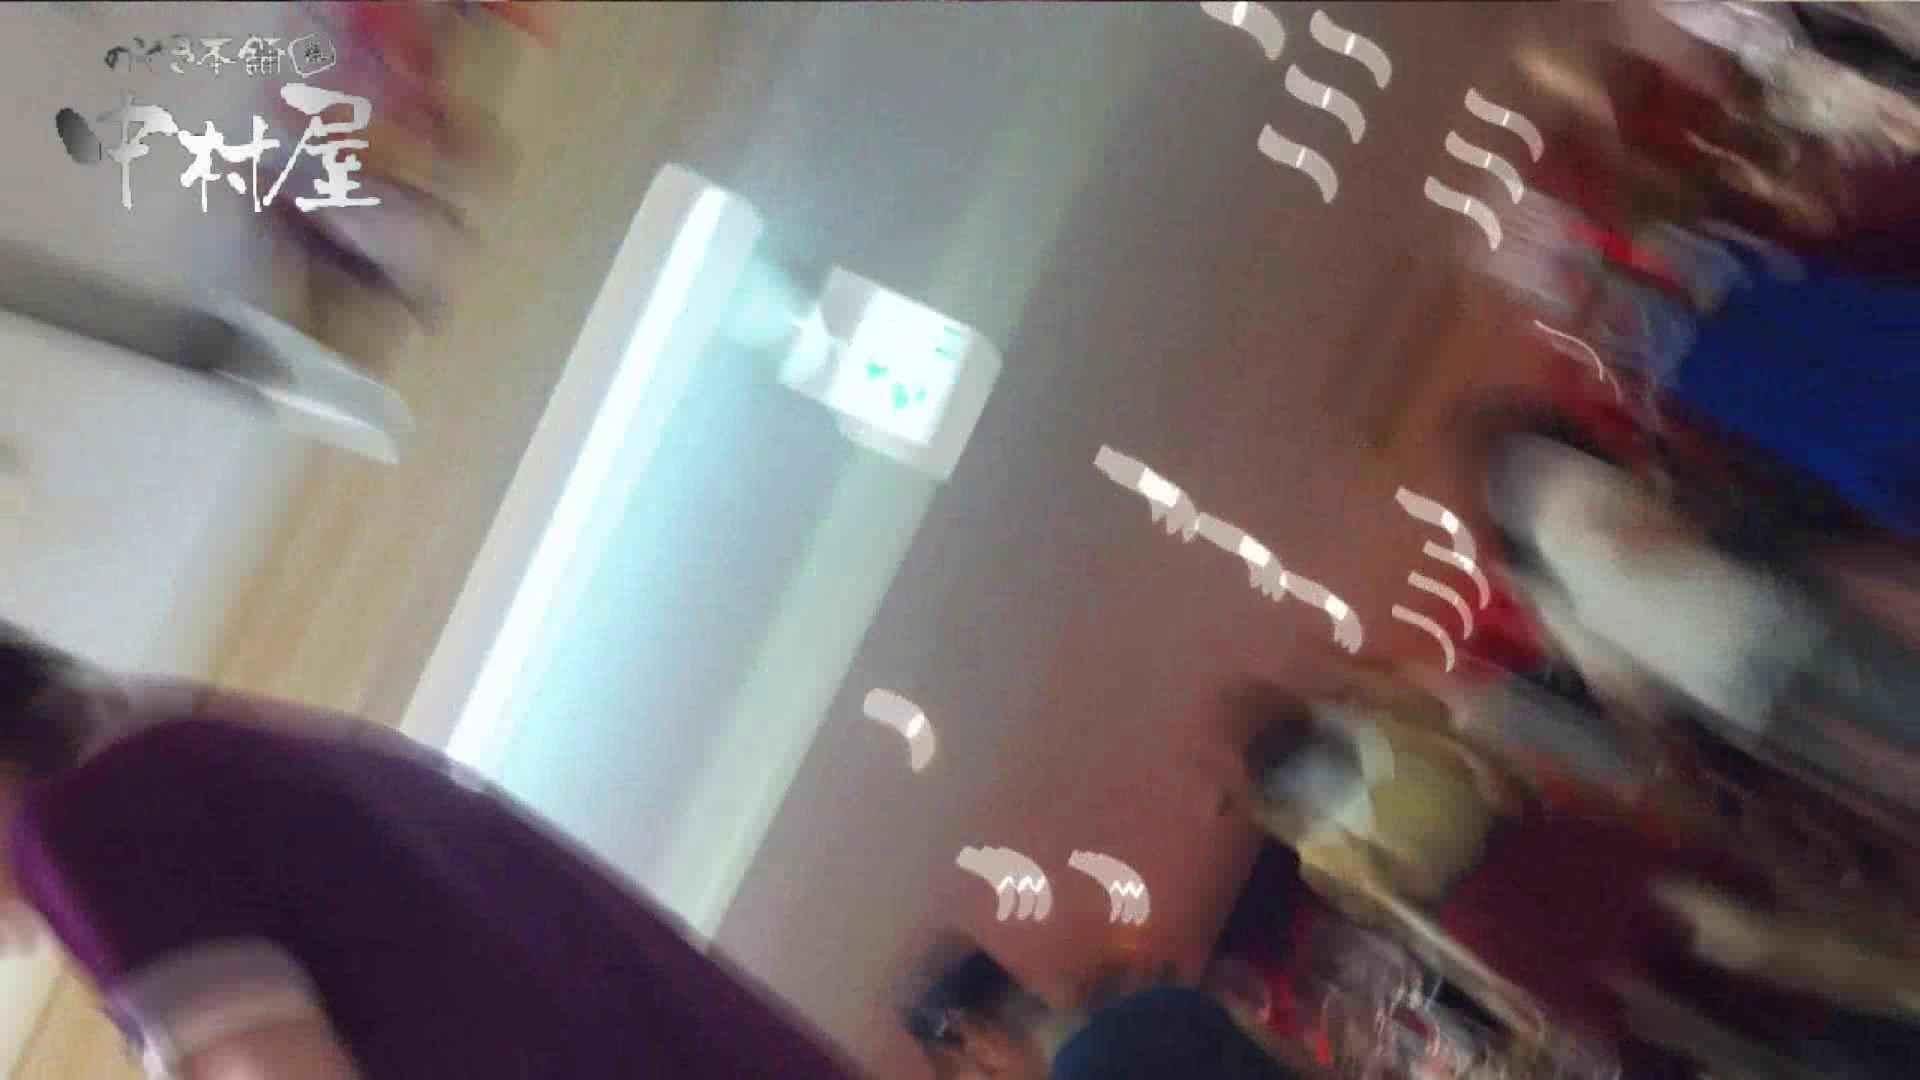 vol.62 美人アパレル胸チラ&パンチラ 笑顔のチャーミングなおねぃさん OLエロ画像 盗撮オマンコ無修正動画無料 102PICs 92